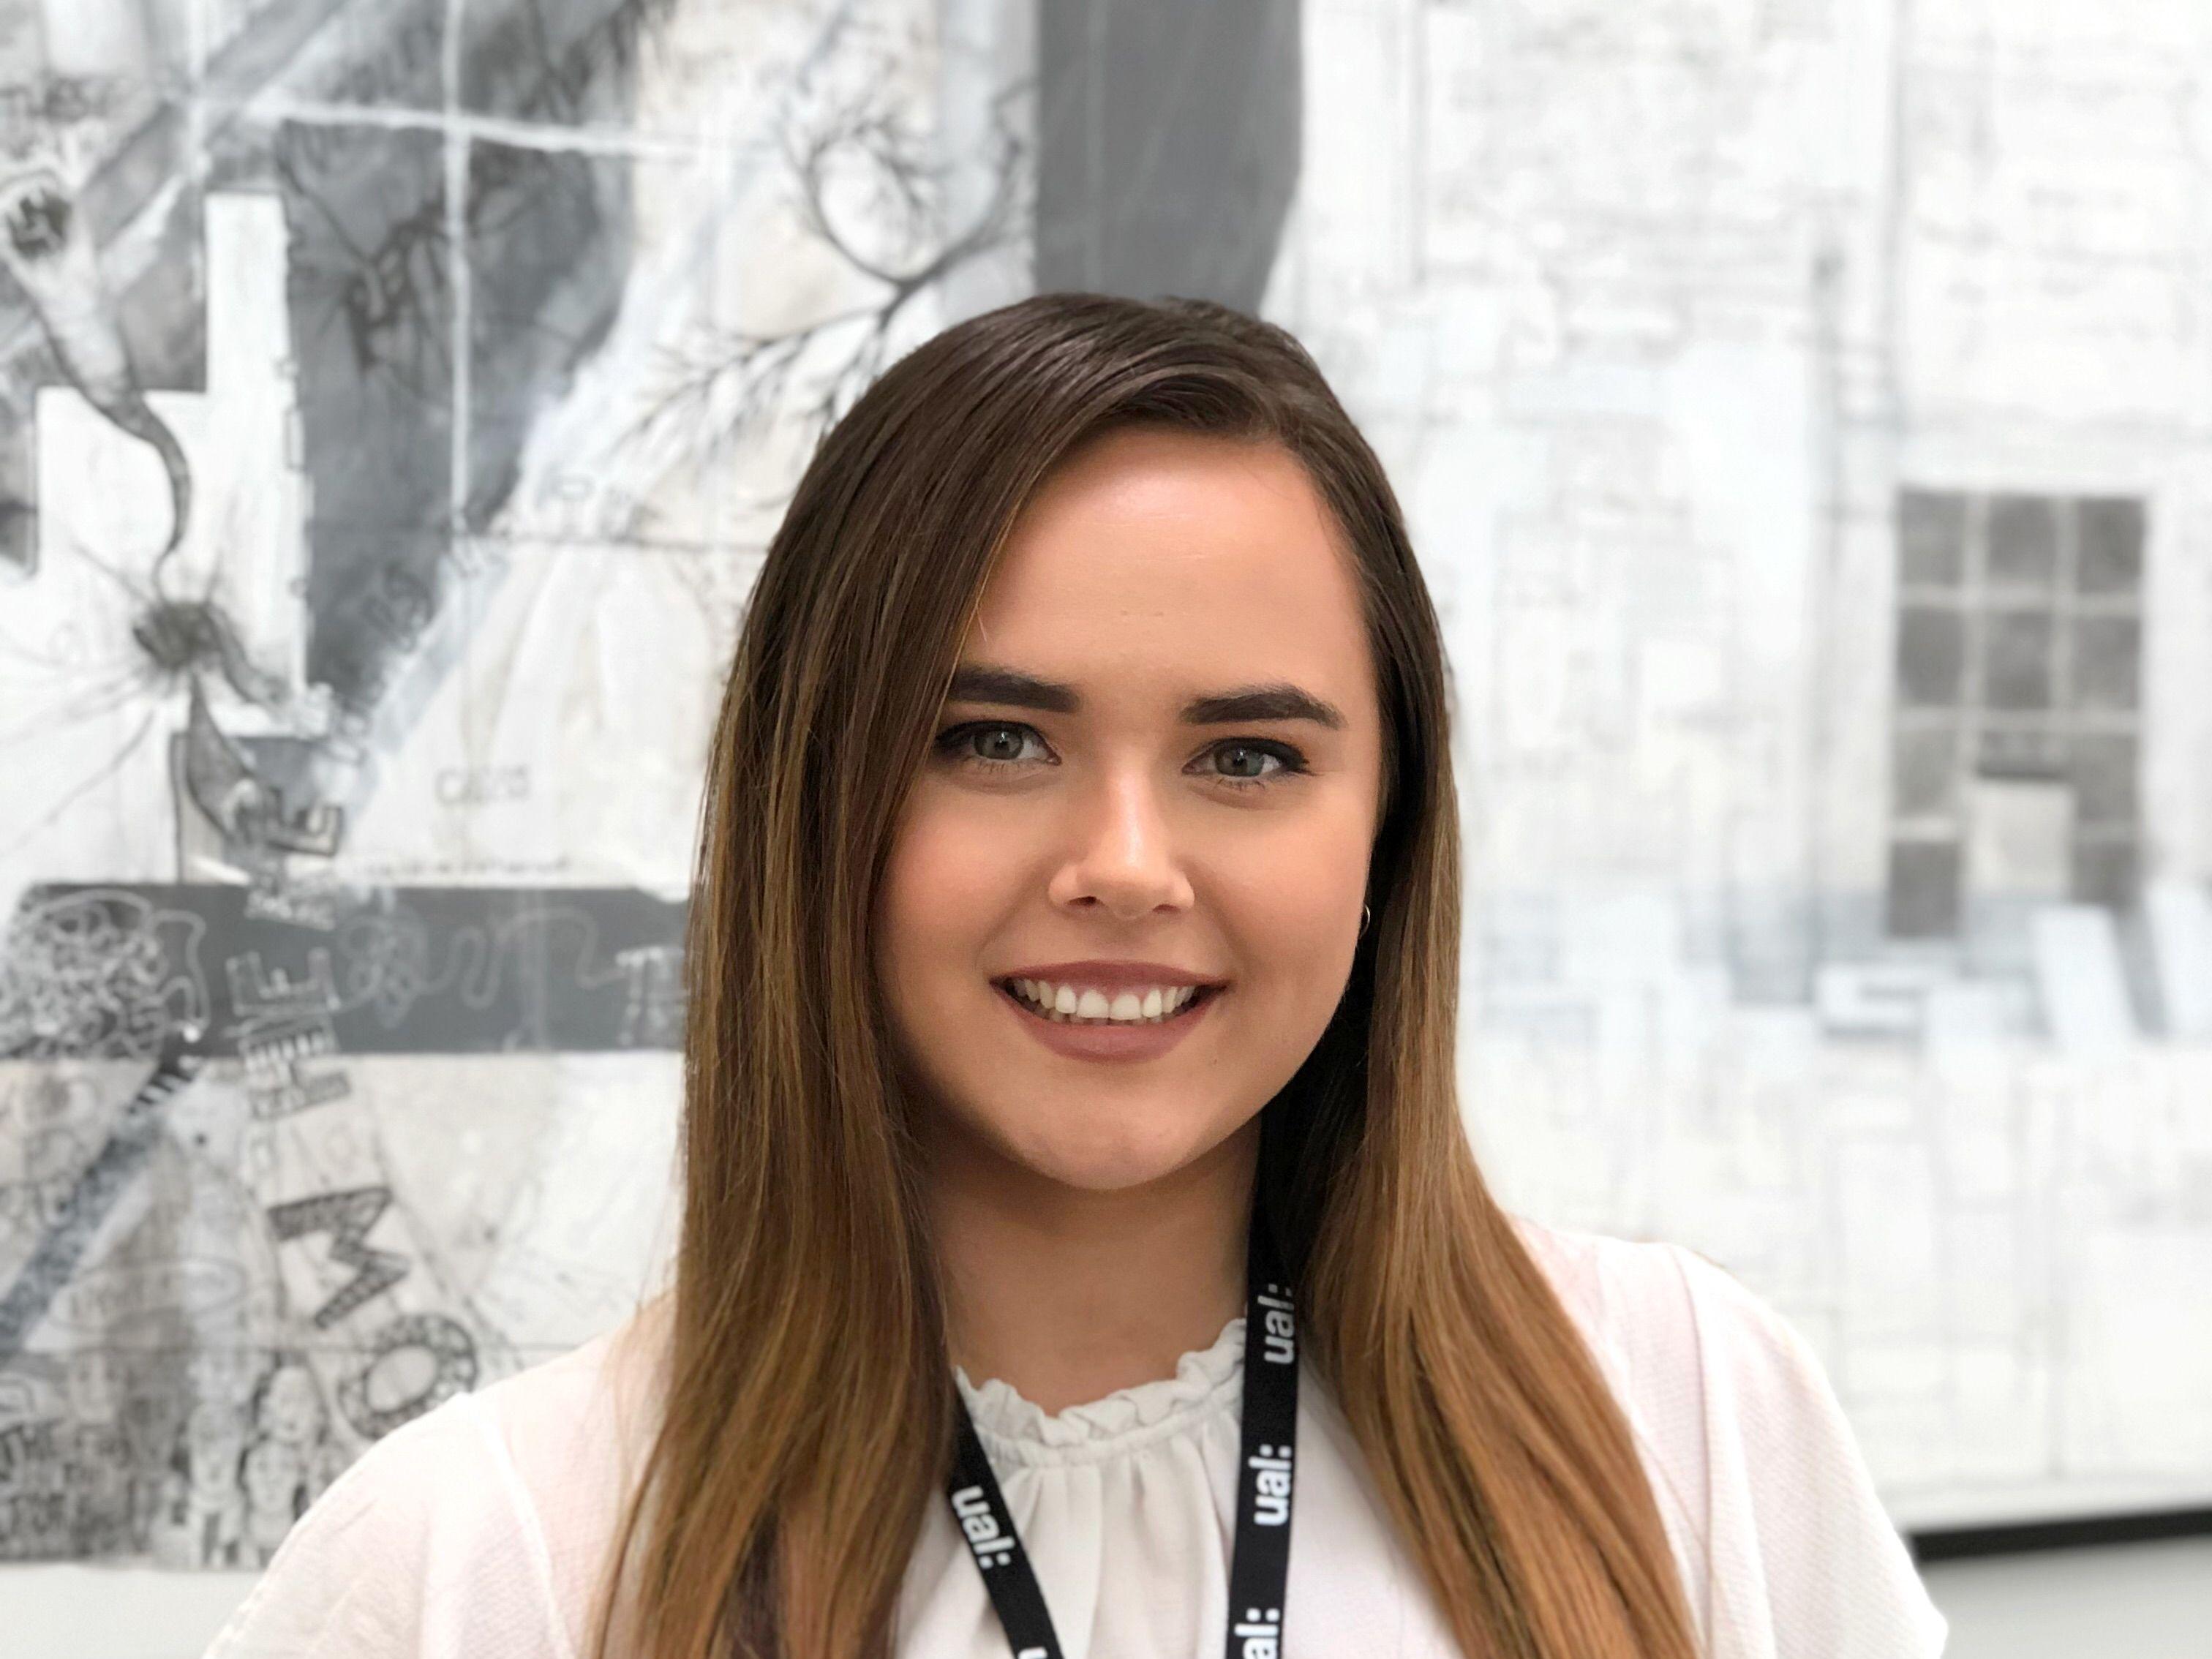 Portrait image of Olivia O'Hare